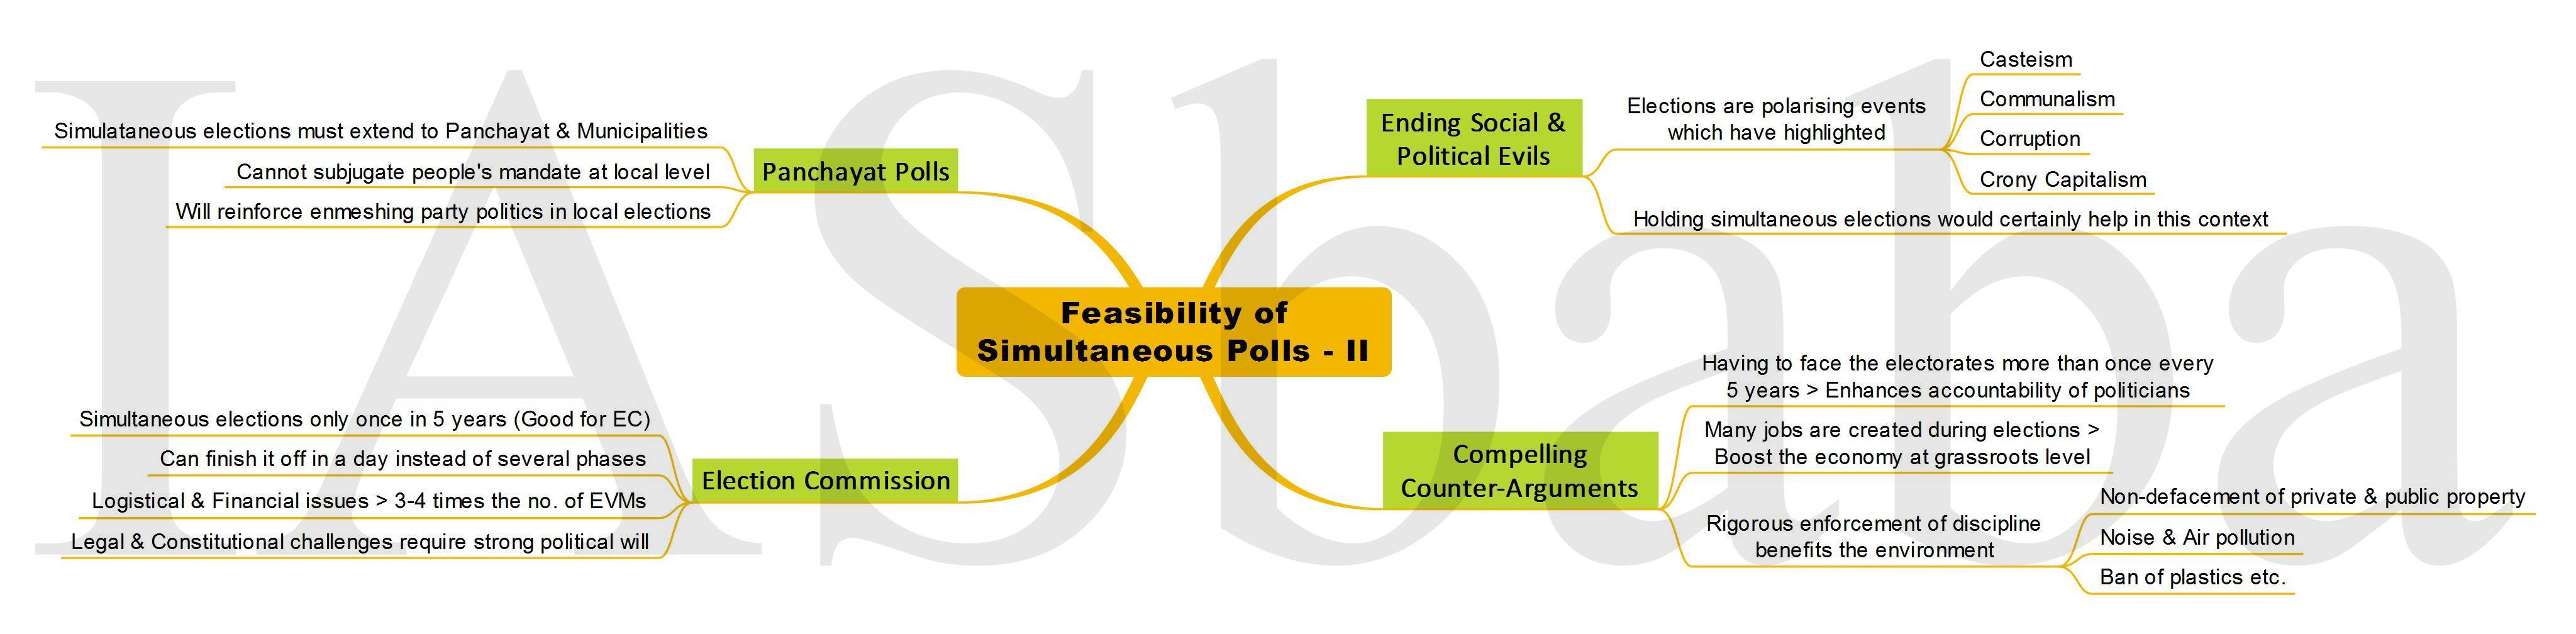 Feasibility of Simultaneous Polls - II IASbaba